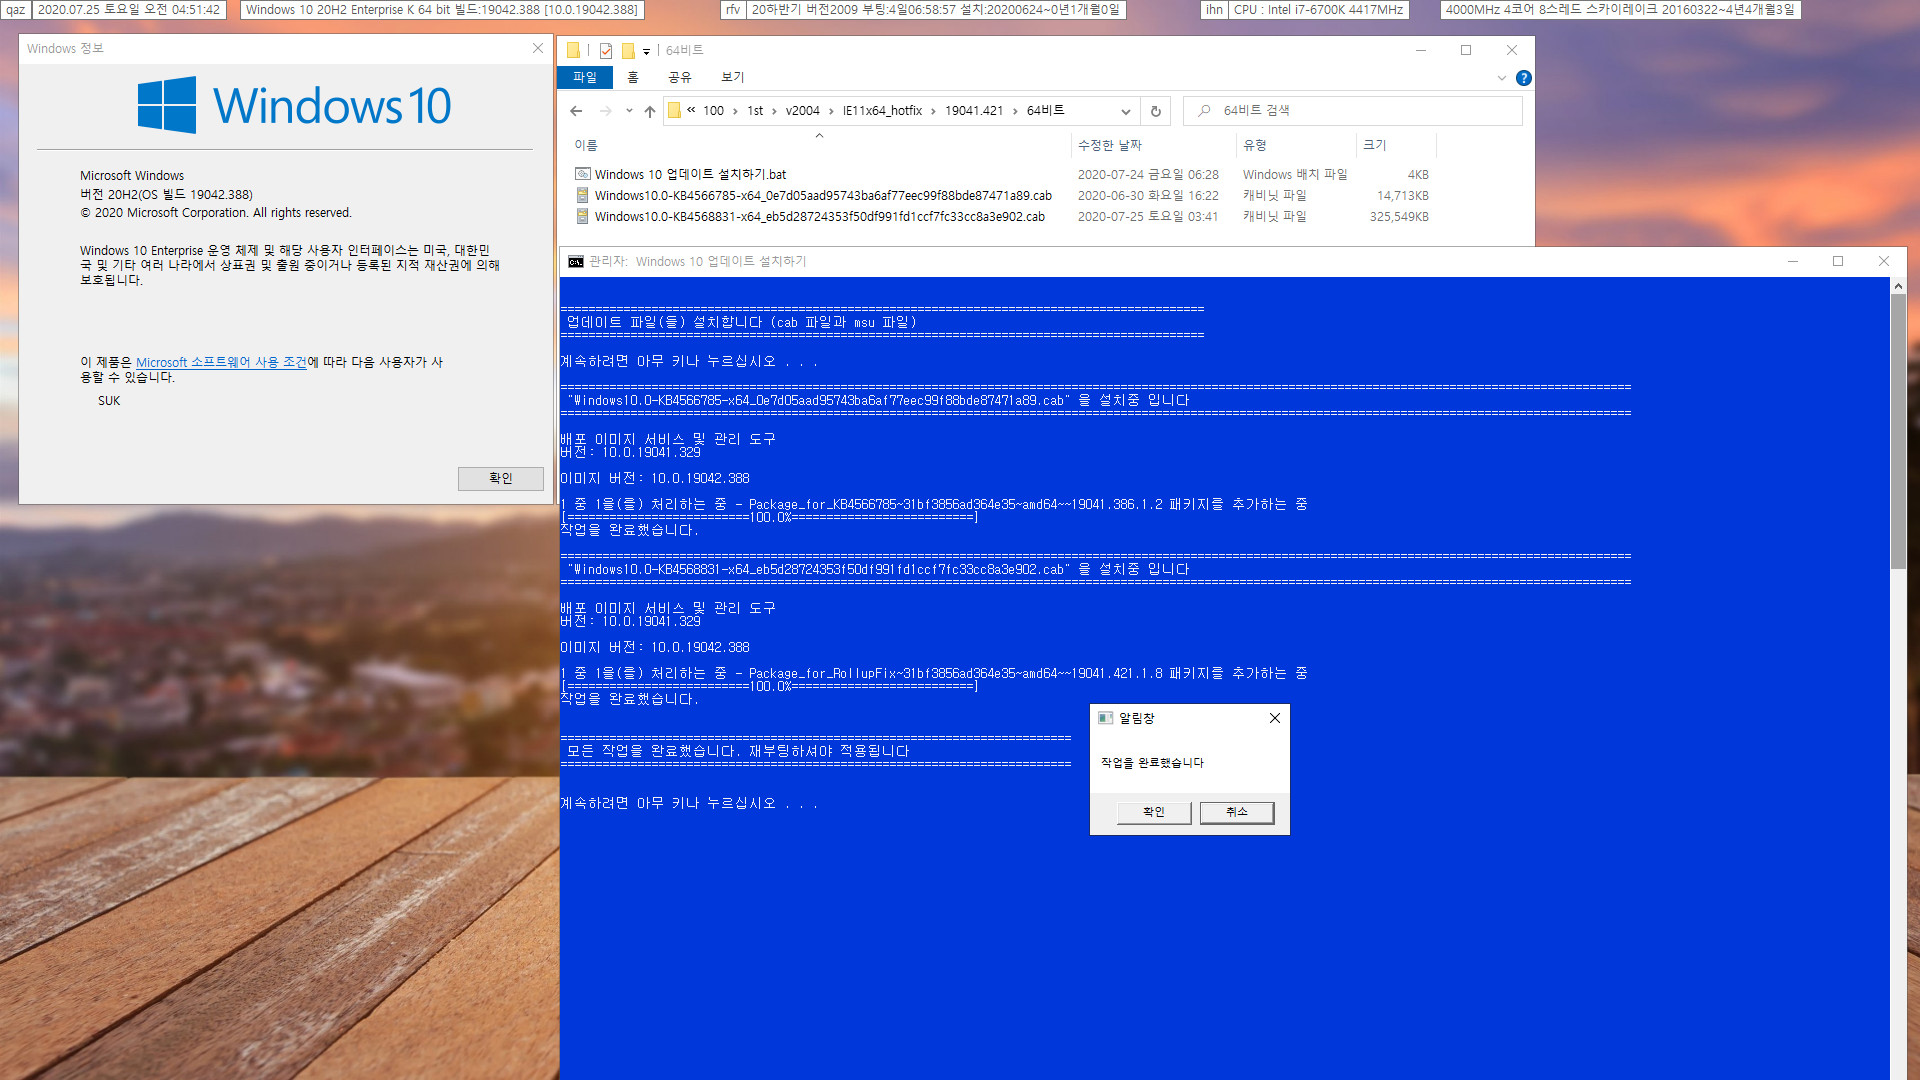 Windows 10 20H2 19042.421빌드 누적 업데이트 KB4568831 나왔네요 - 실컴 윈도우 20H2 19042.388빌드에서 설치 성공 2020-07-25_045142.jpg